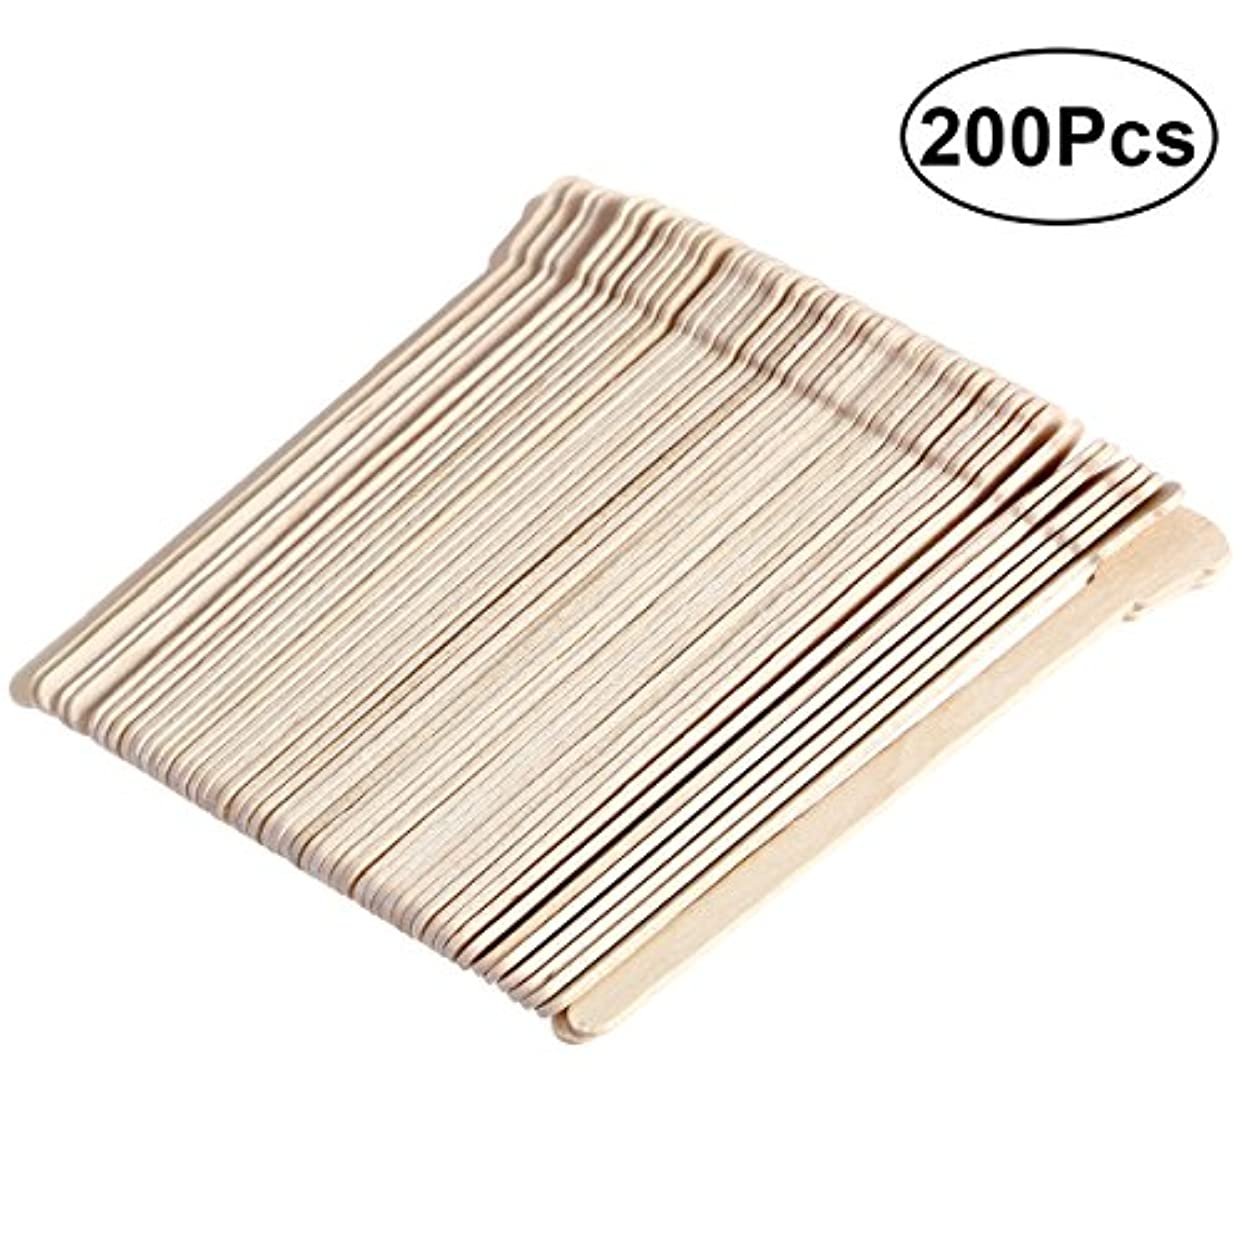 ワンダー廃止薄いですSUPVOX 200ピース木製ワックススティックフェイス眉毛ワックスへら脱毛(オリジナル木製色)